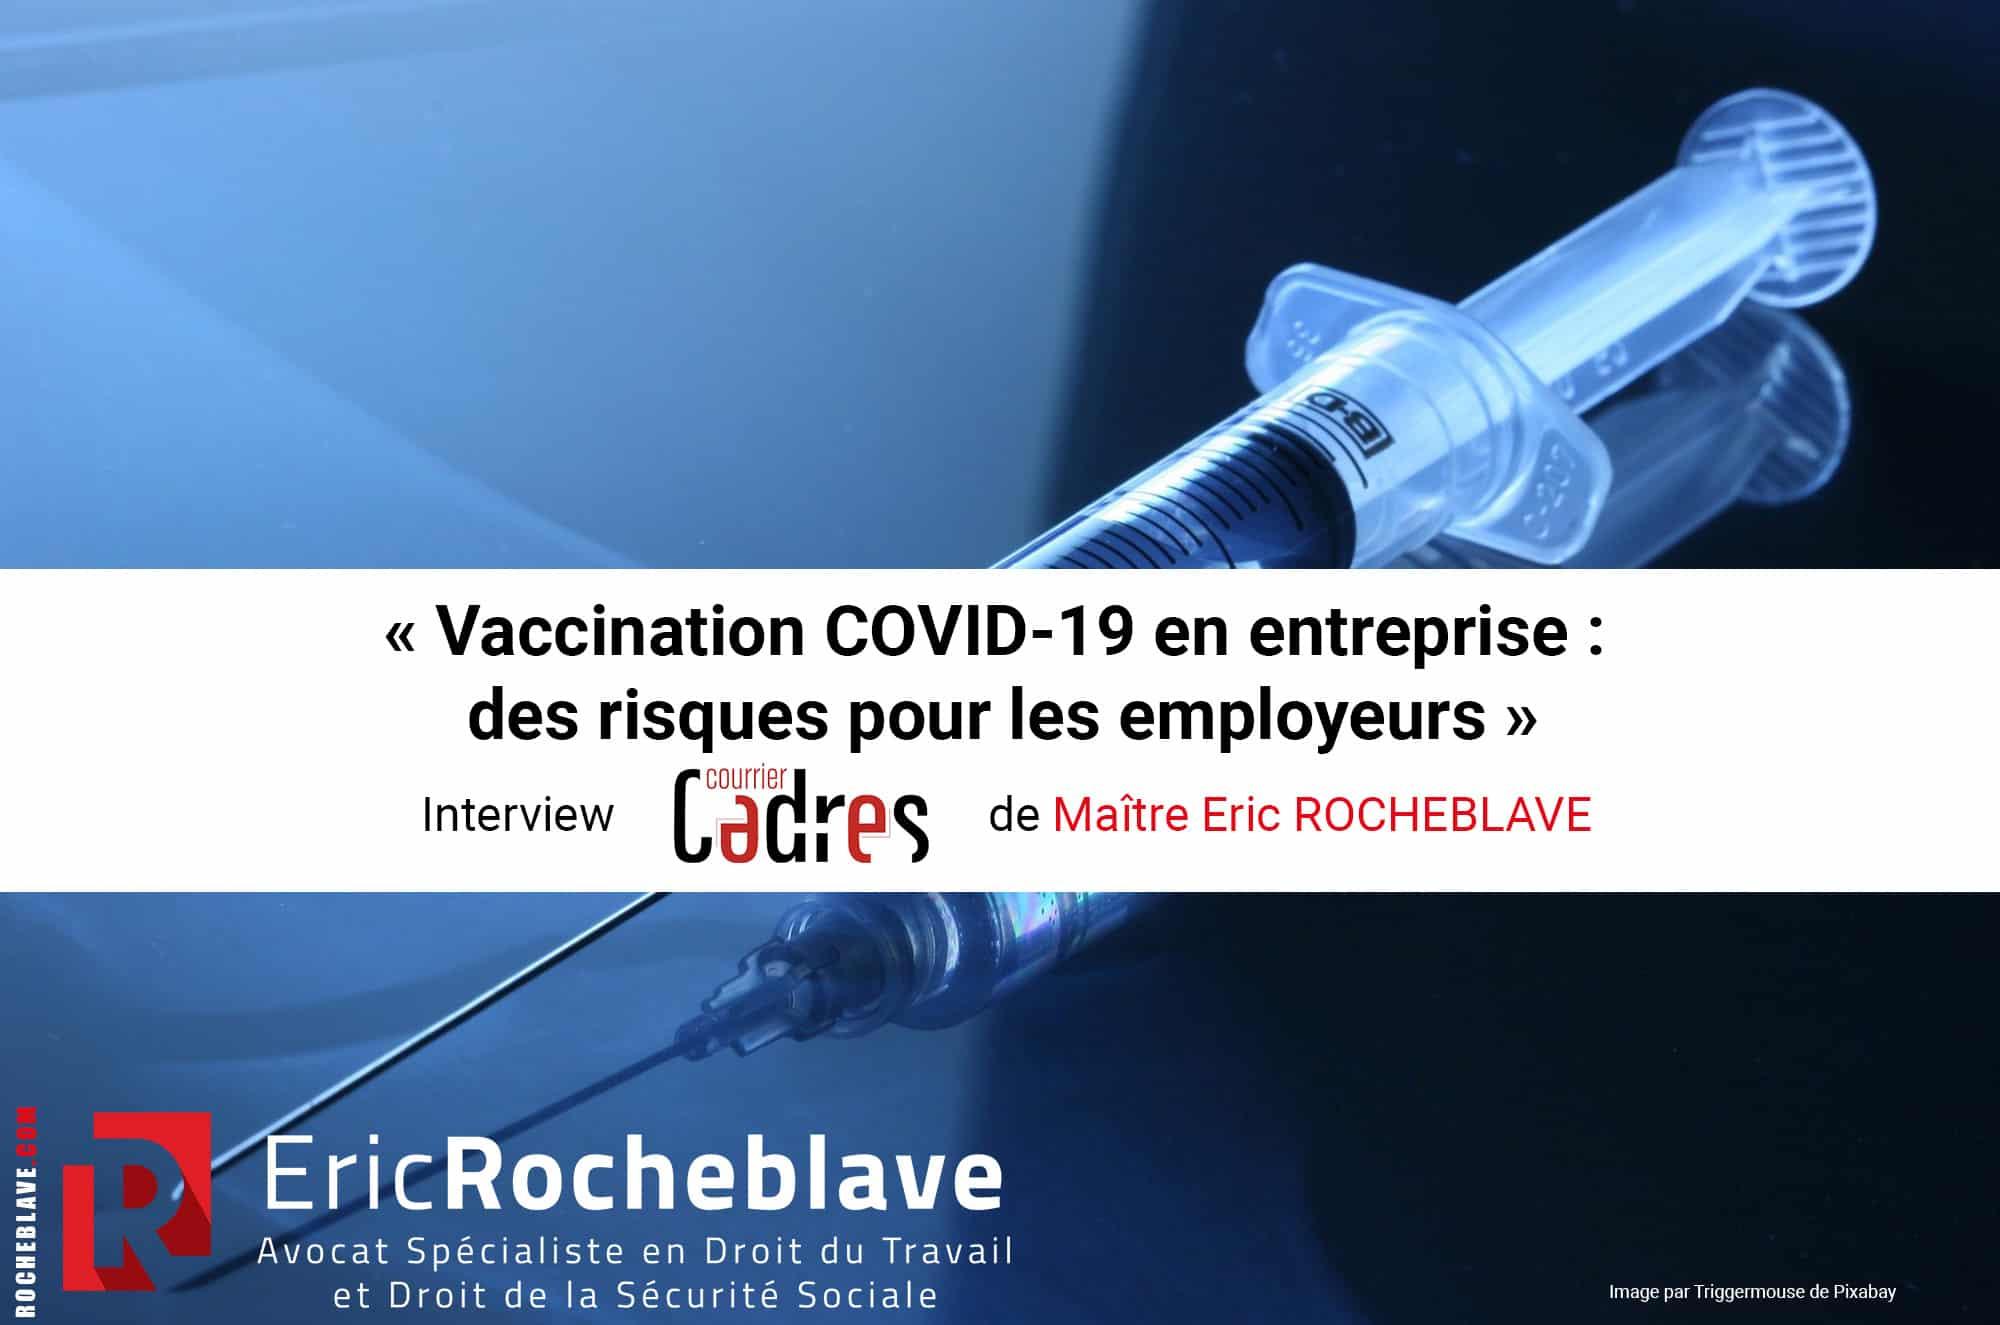 « Vaccination COVID-19 en entreprise : des risques pour les employeurs » Interview Courrier Cadres de Maître Eric ROCHEBLAVE